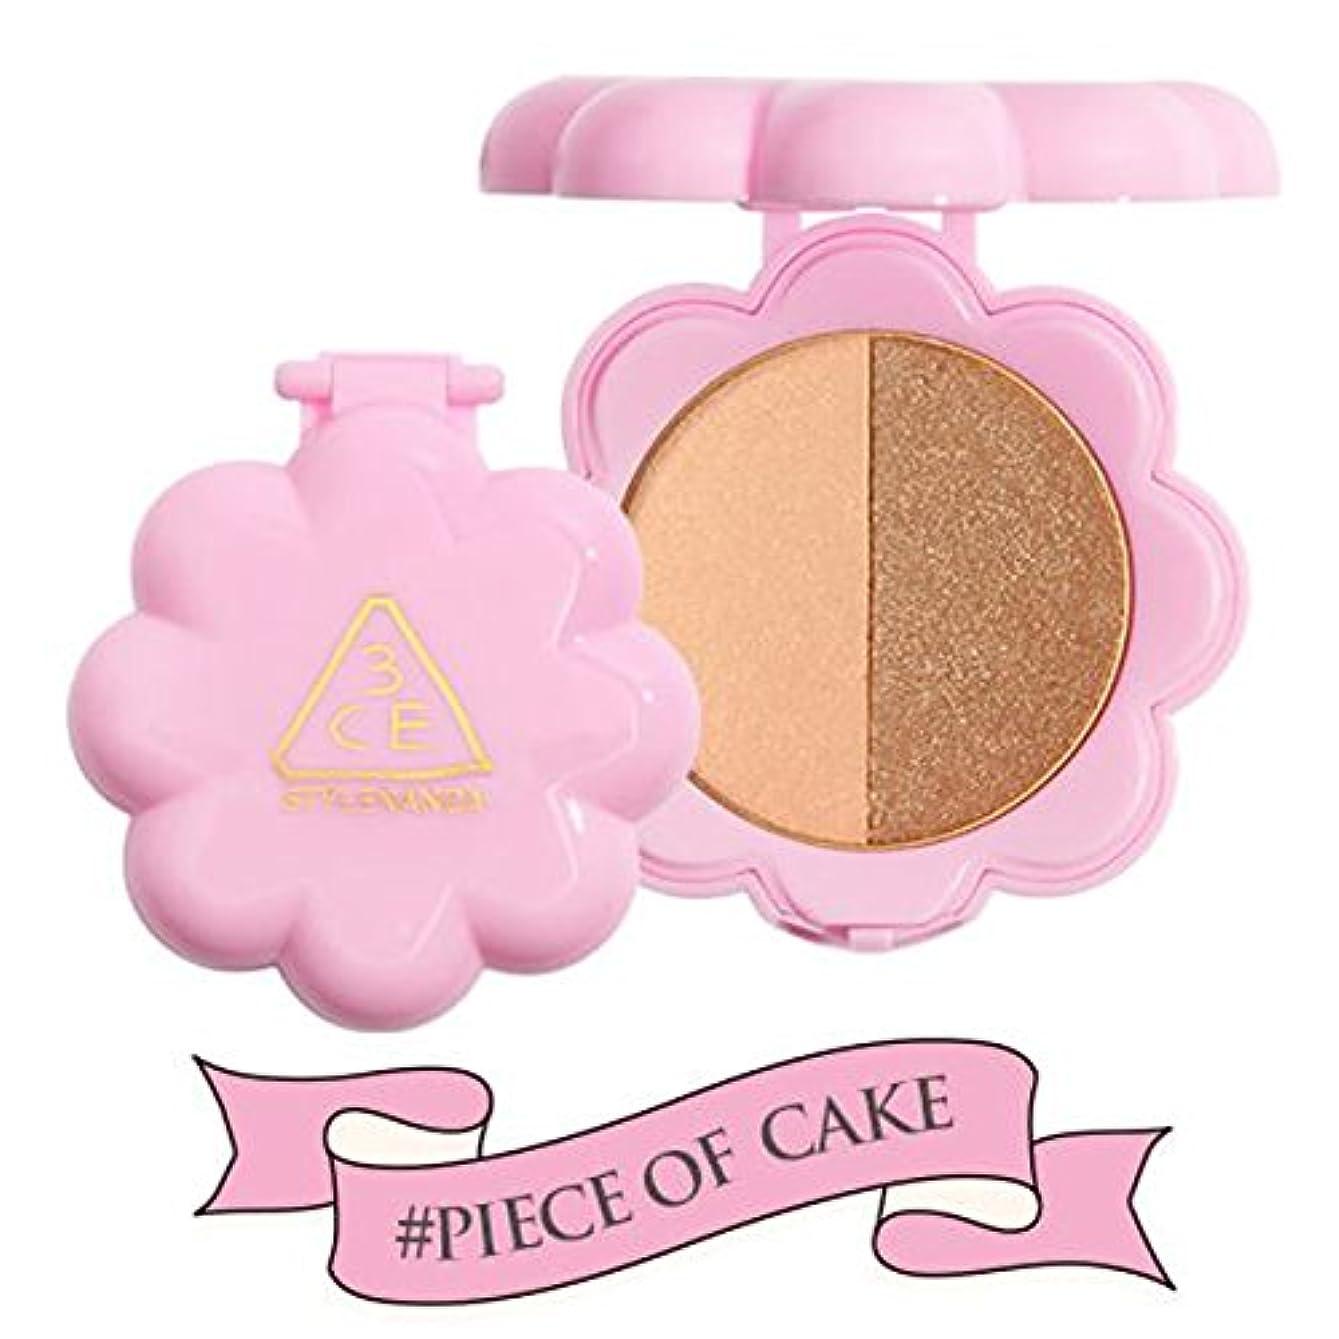 新しさメトリック遺伝的3CE スリーコンセプトアイズ LOVE デュオ シャドウ 3.2g PIECE OF CAKE (在庫) [並行輸入品]